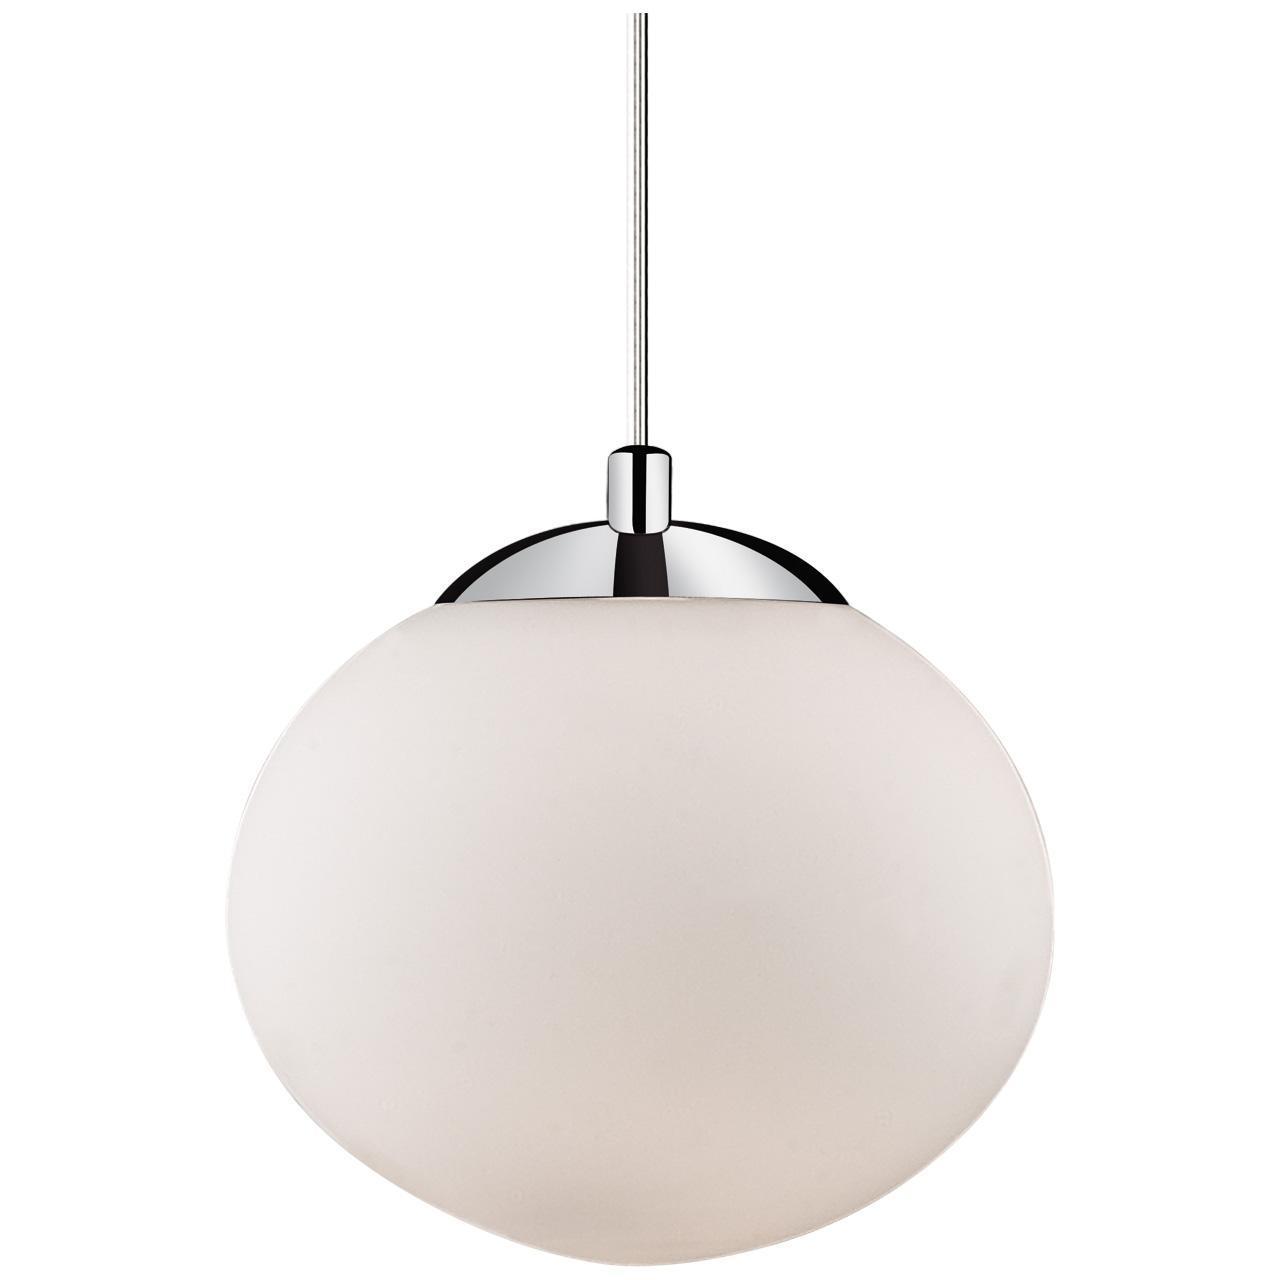 Подвесной светильник Odeon Light Rolet 2046/1